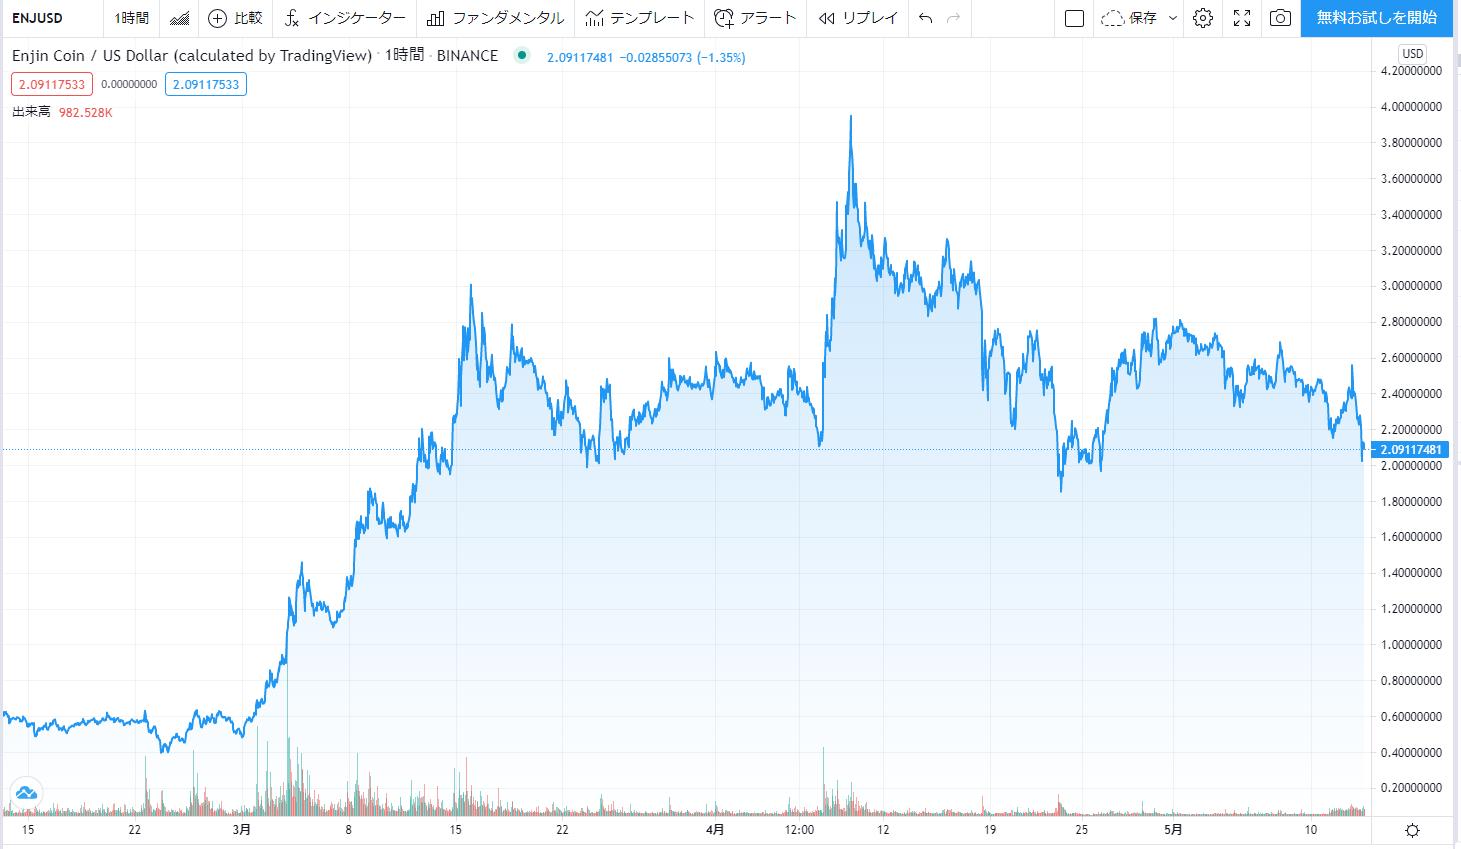 エンジンコイン_直近3ヶ月の価格動向